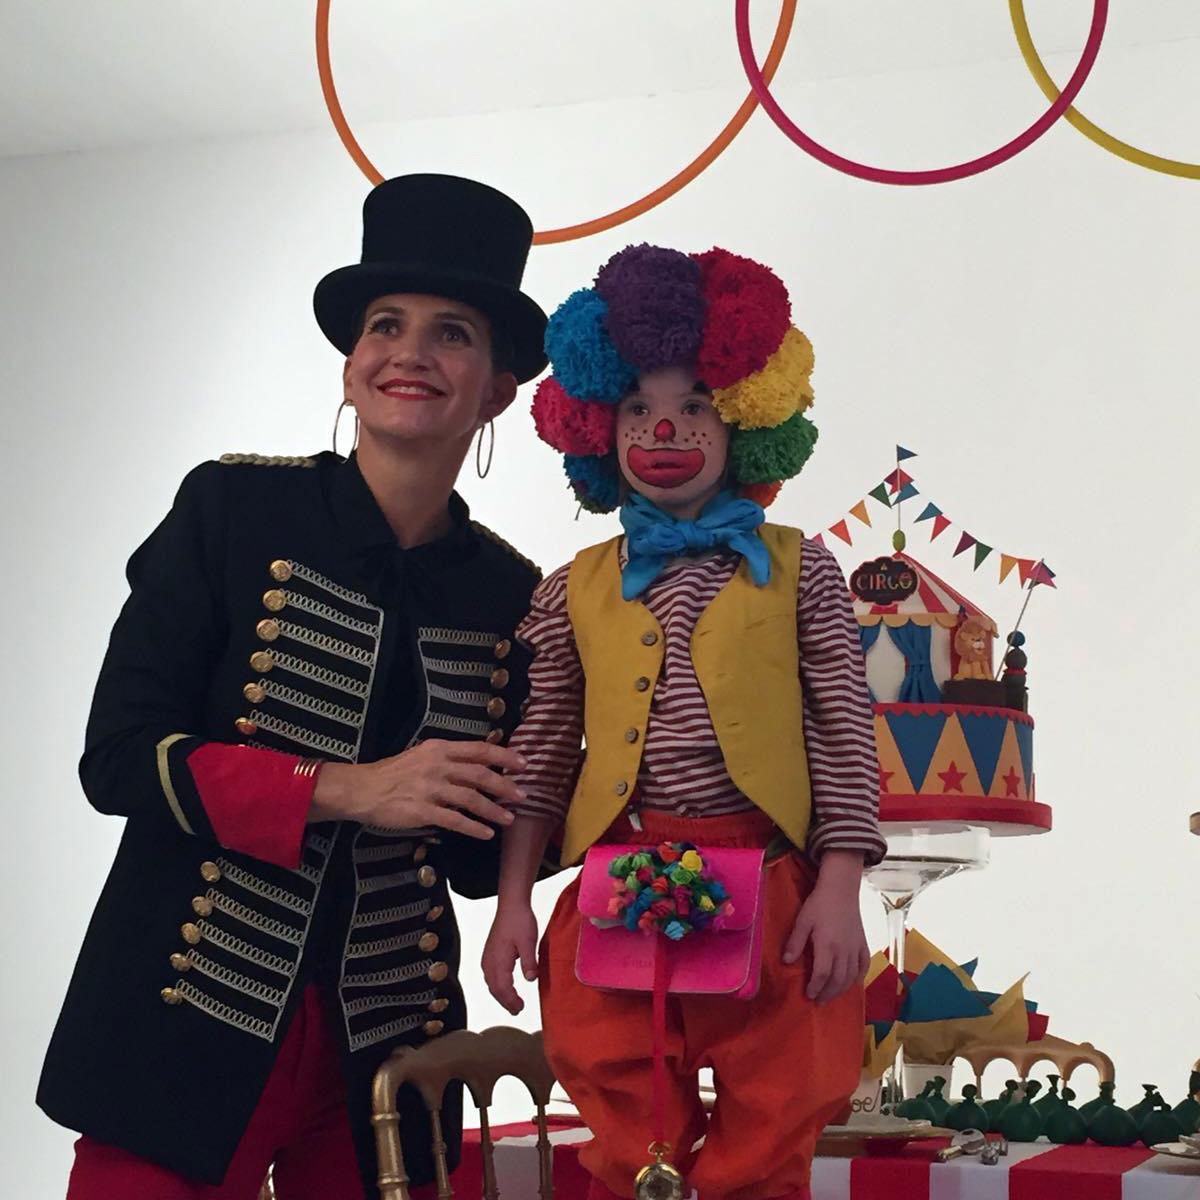 samantha_roscon_circo